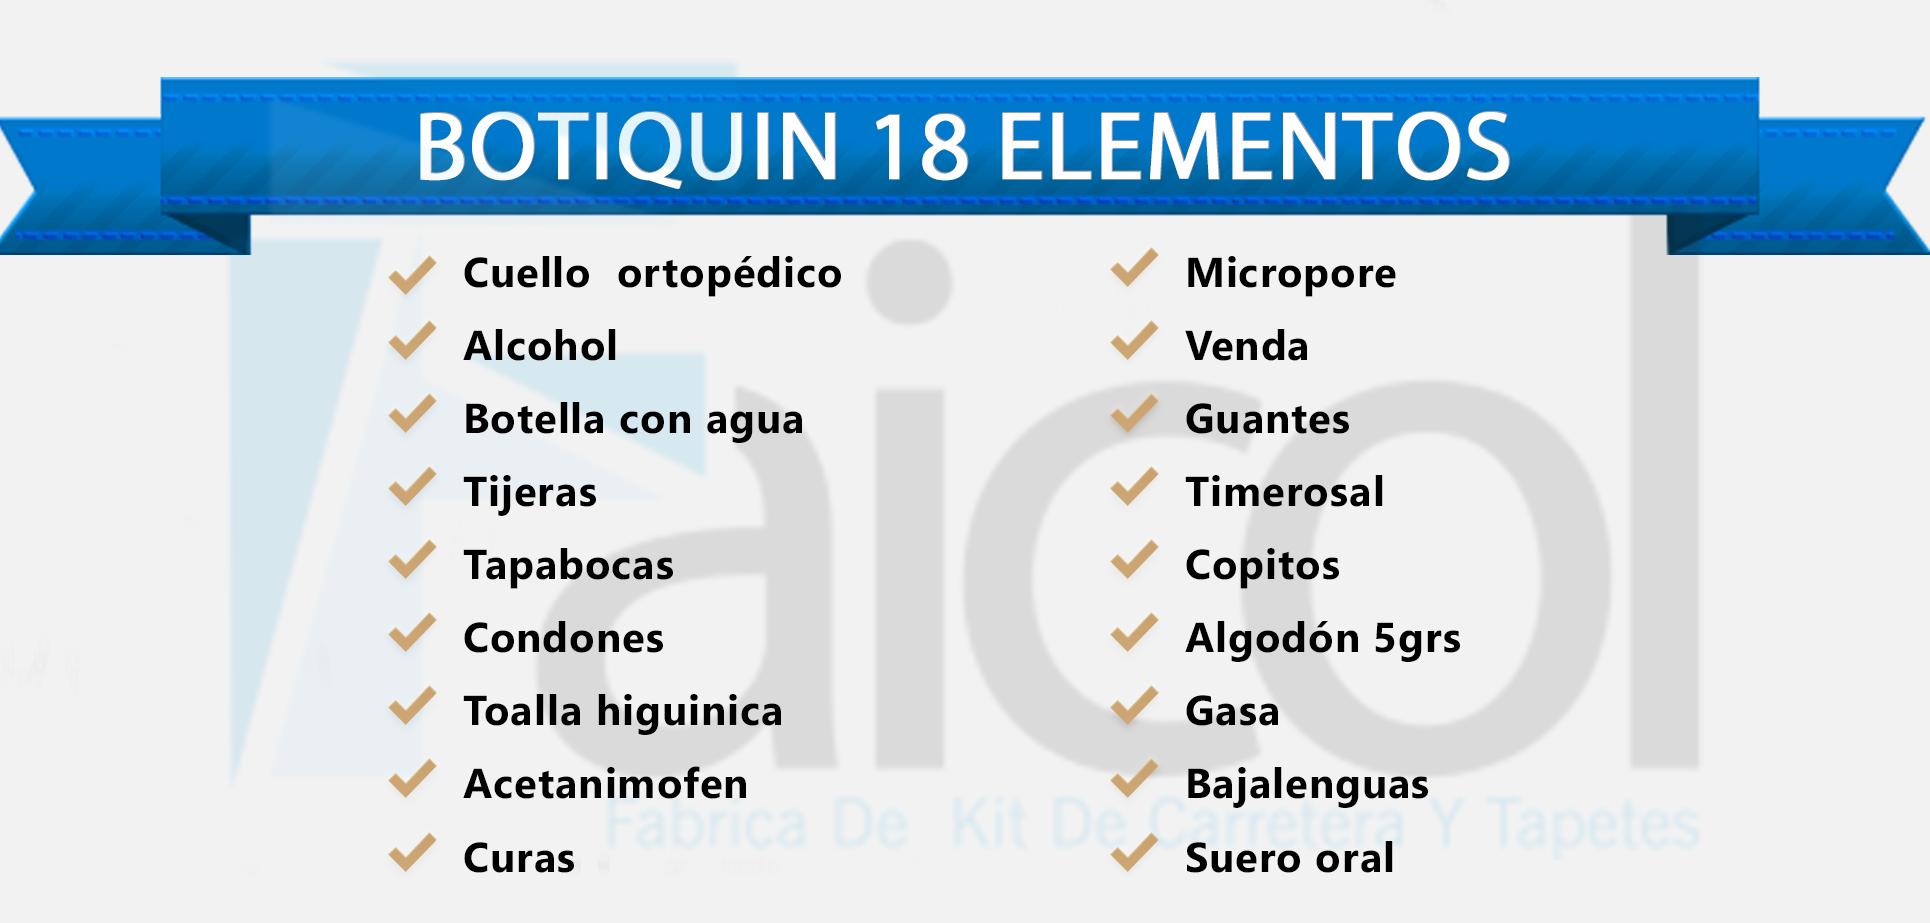 BOTIQUIN 18 ELEMENTOS